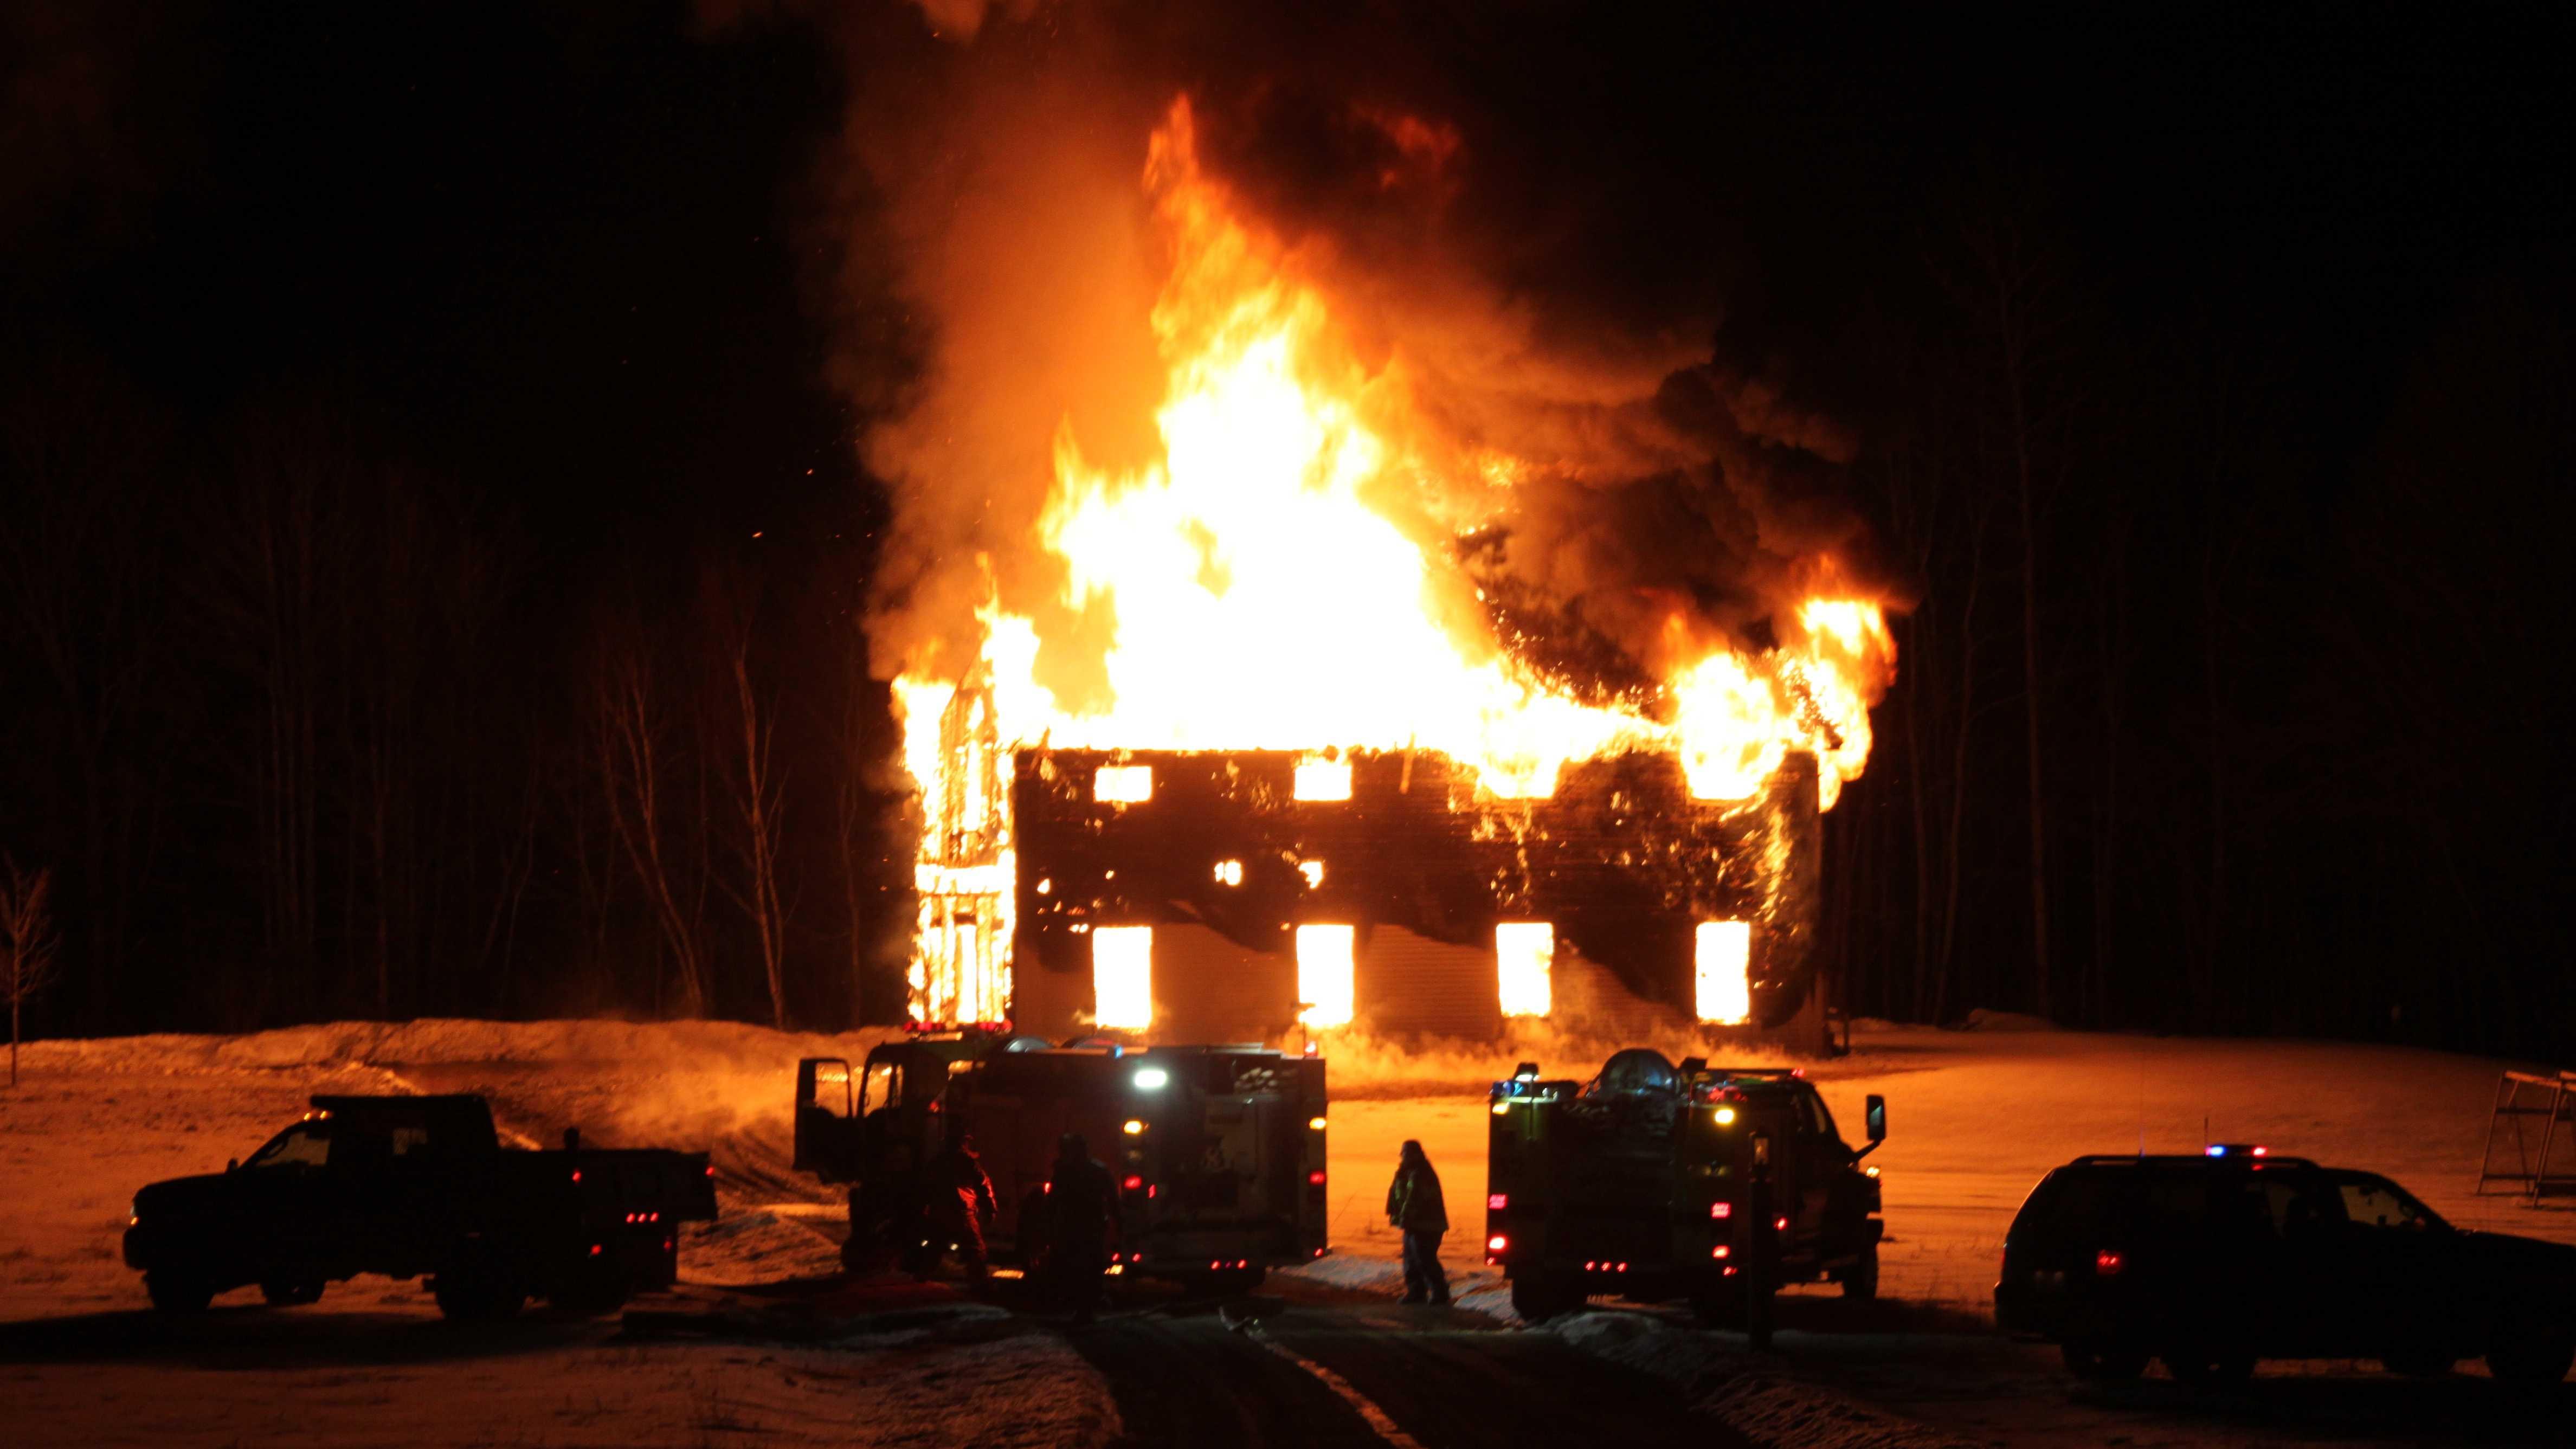 Mt. Vernon Fire